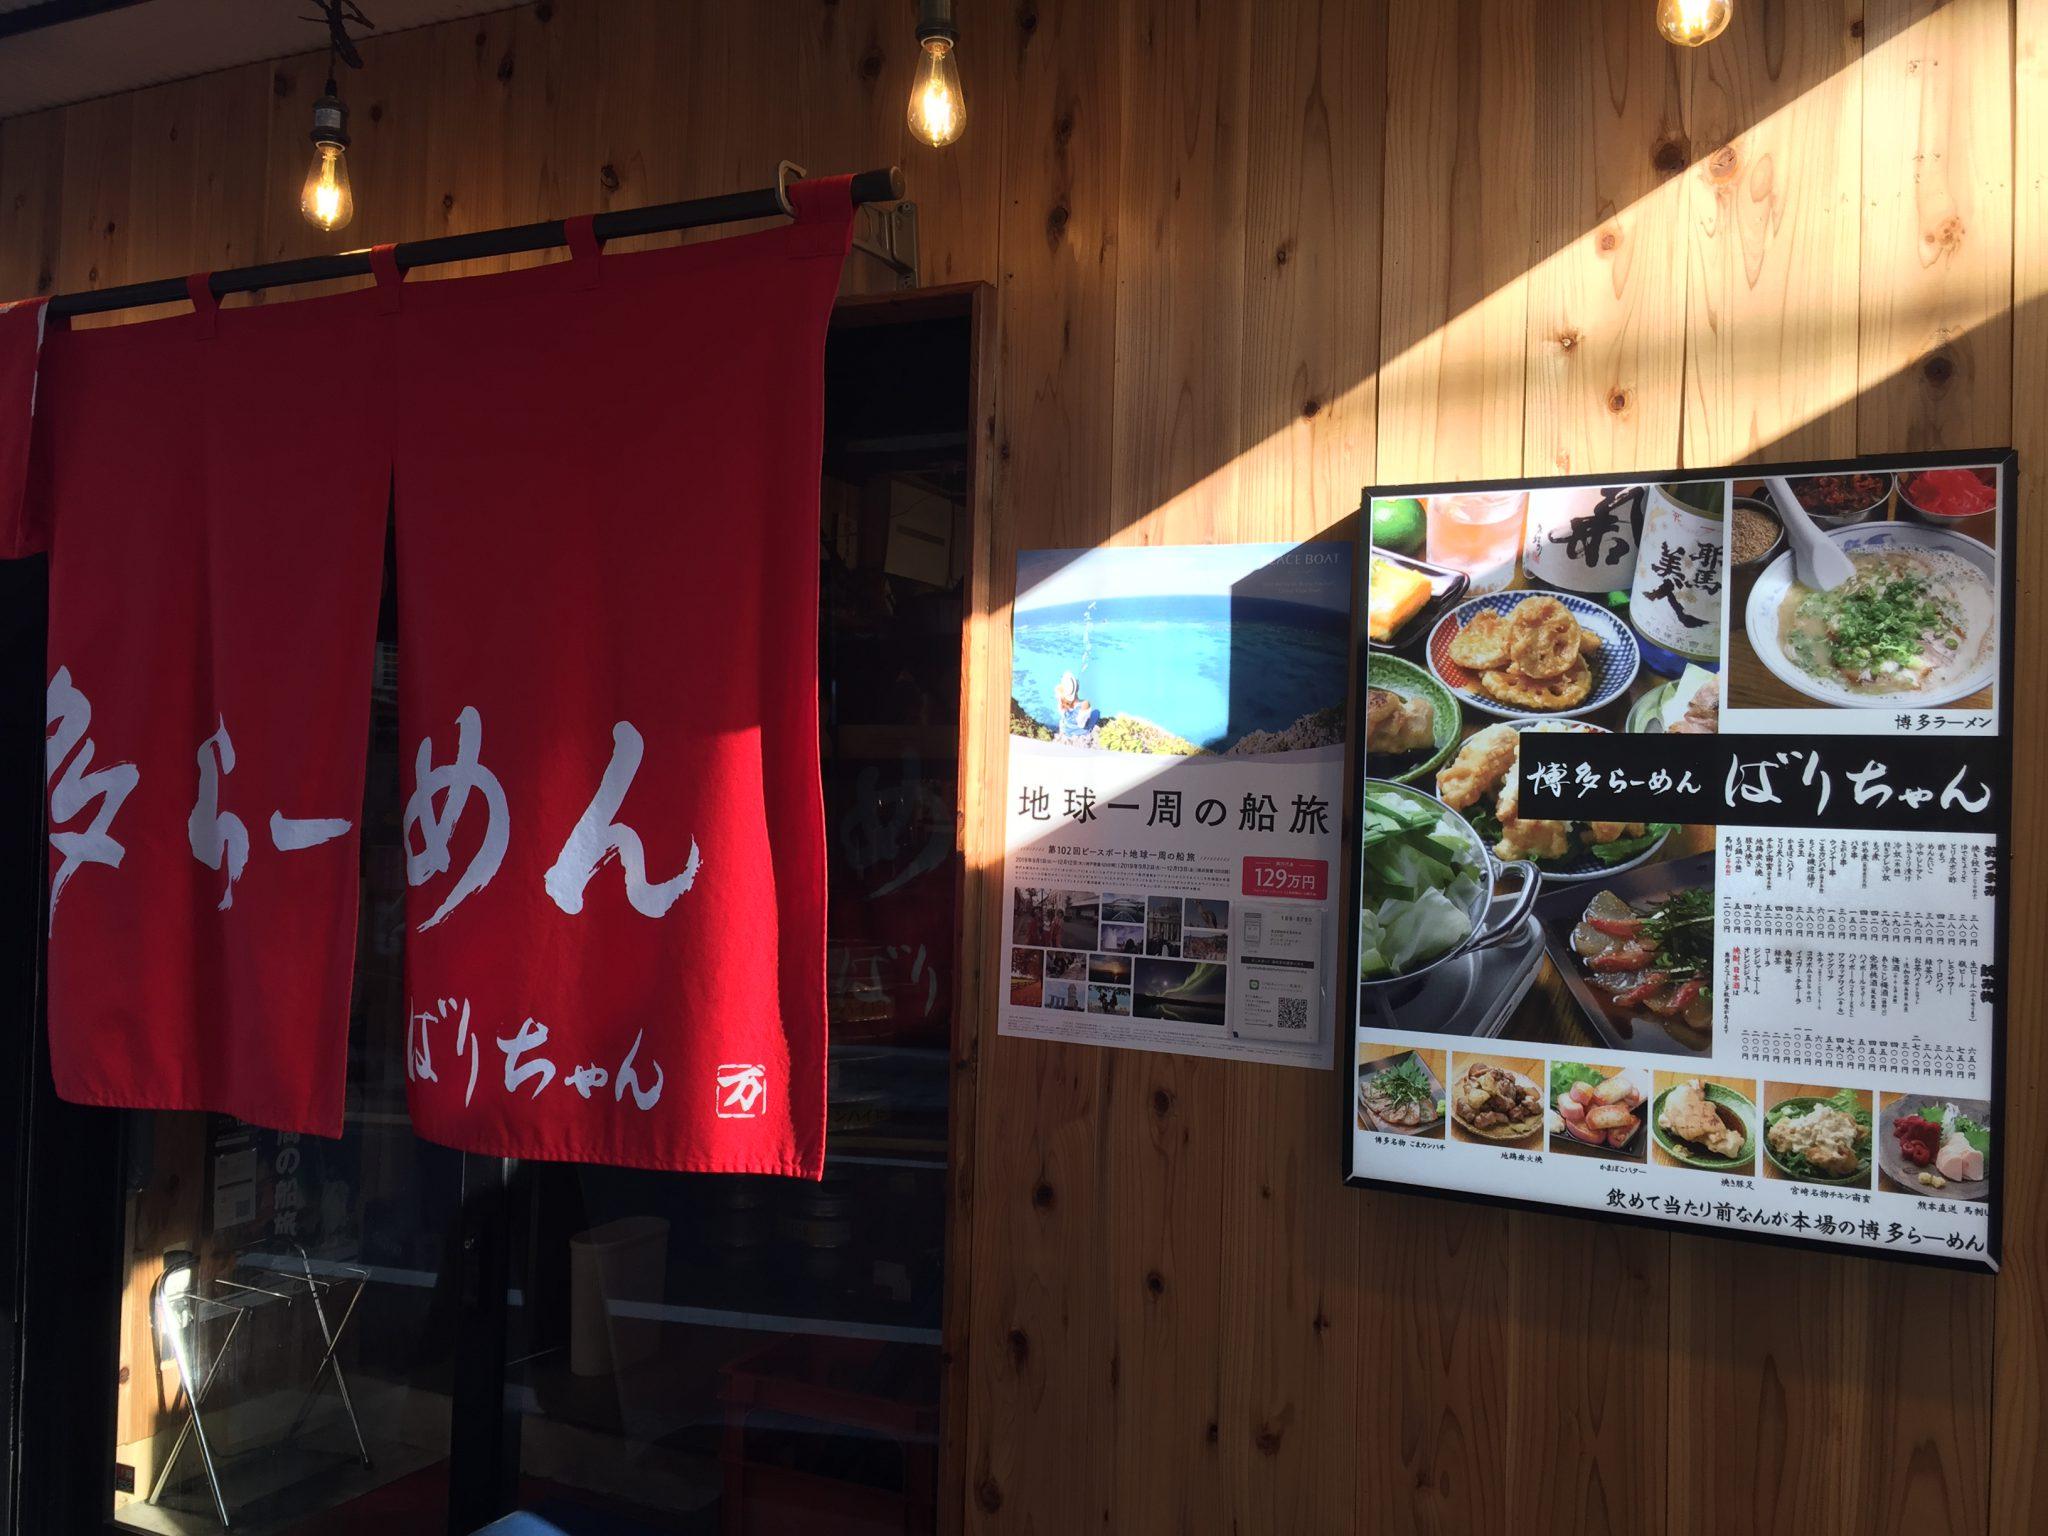 ばりちゃん|高田馬場で博多ラーメンランチ~「ばりこて」の後継店にはじめて訪店